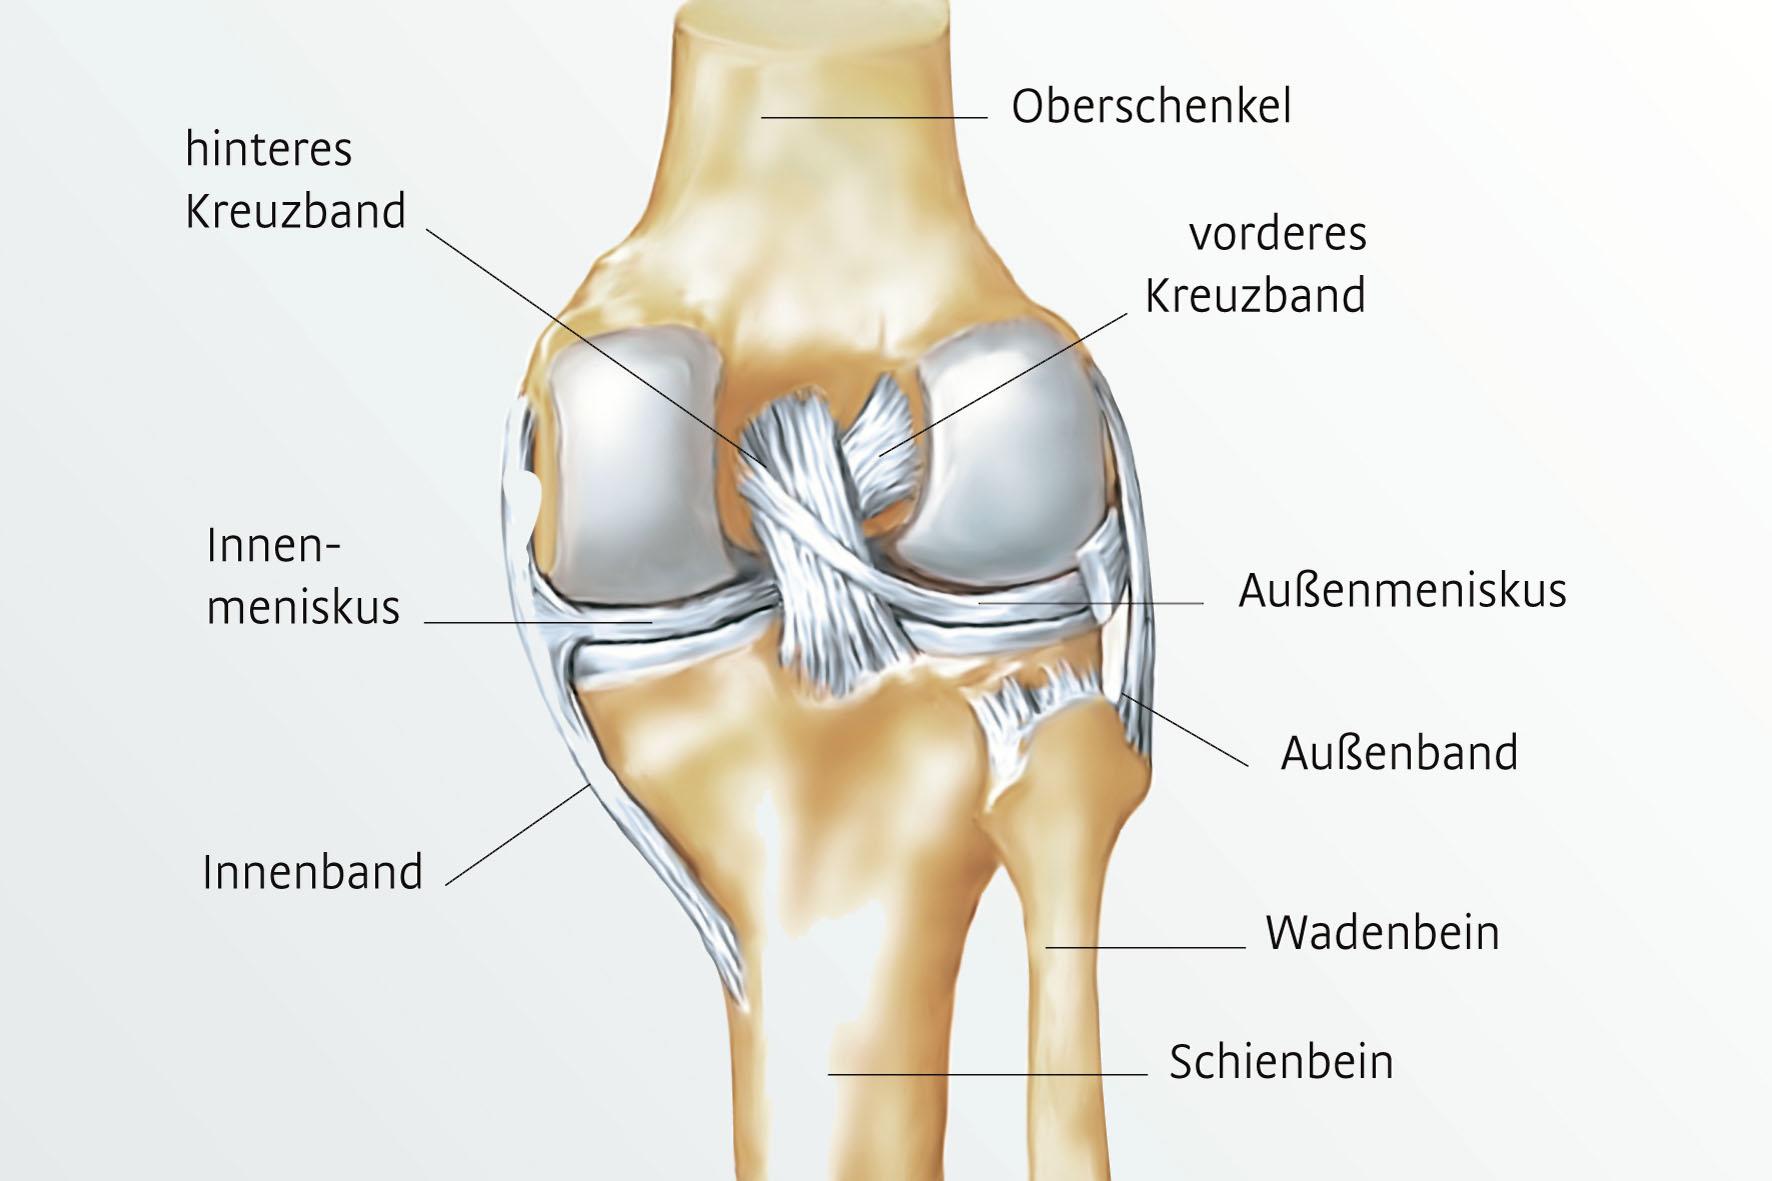 Gemütlich Vorderes Bein Anatomie Galerie - Menschliche Anatomie ...